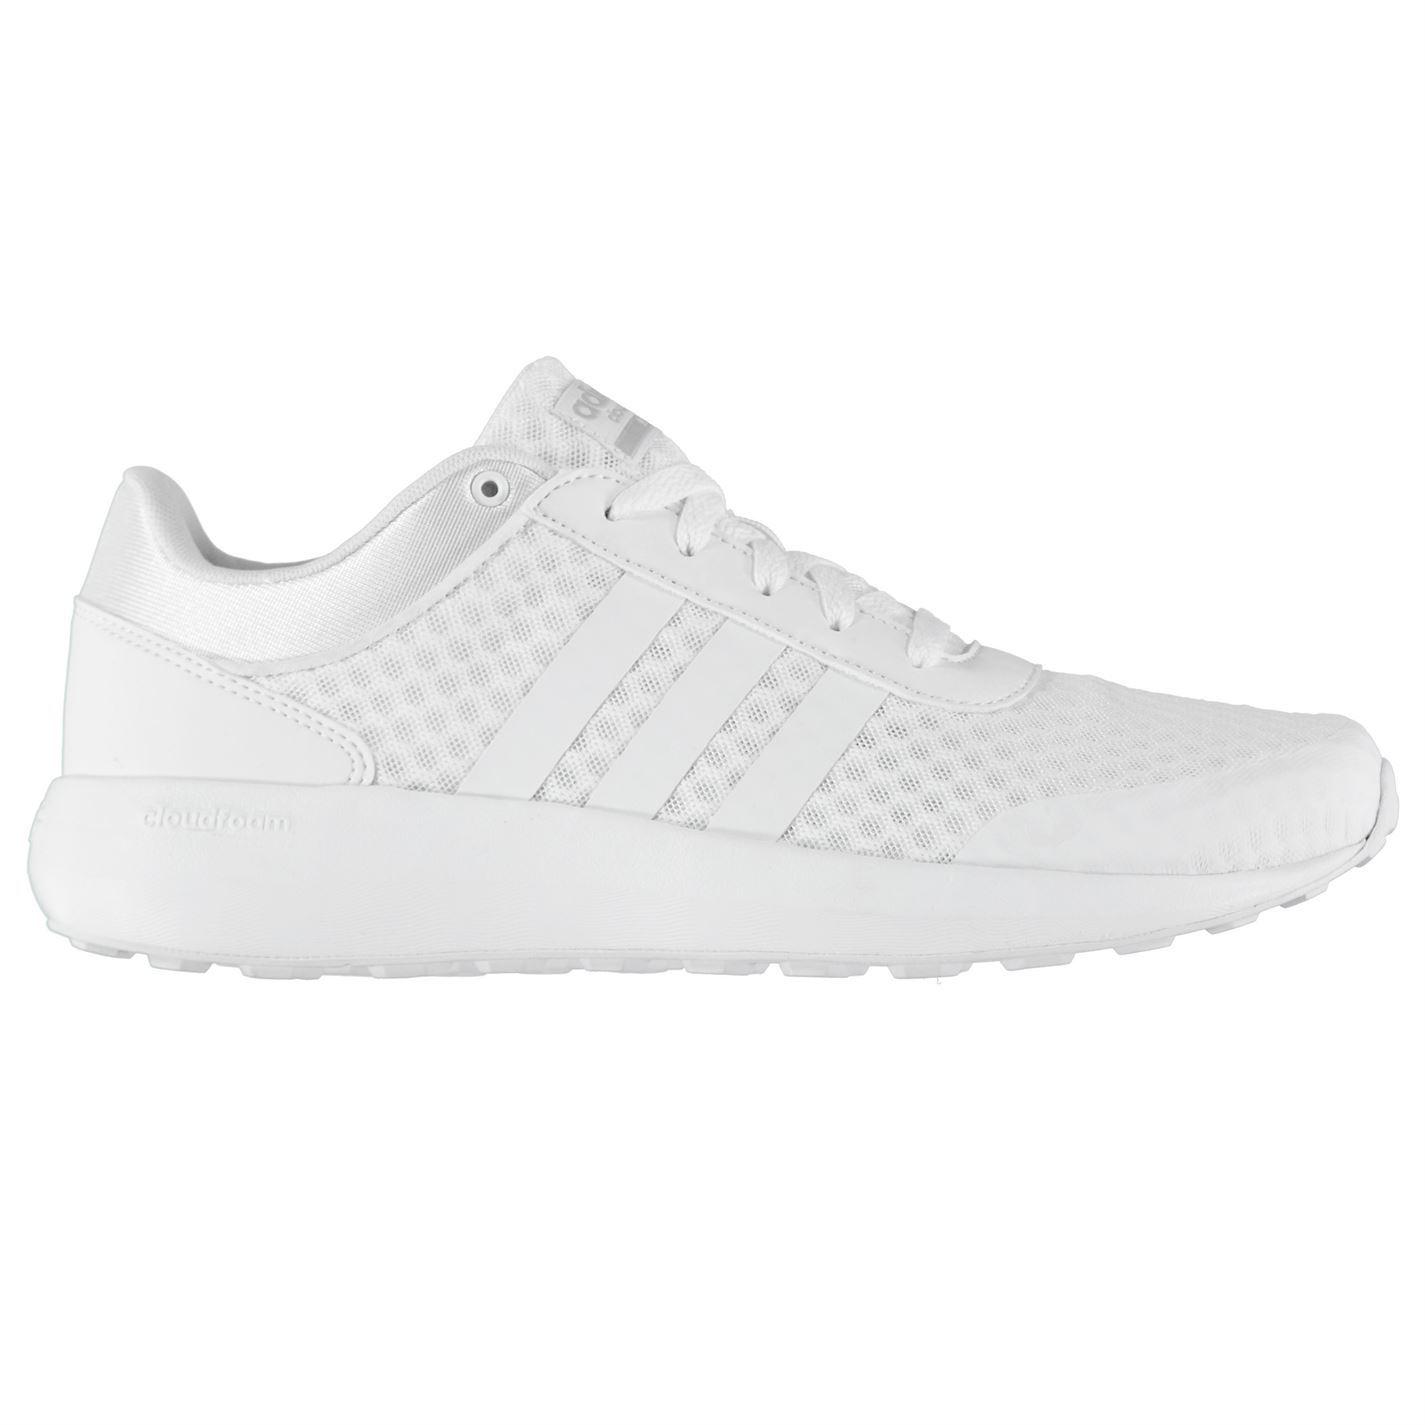 sports shoes 0b456 0540c ... Adidas hombres caballeros caballeros caballeros nube formadores de  espuma Zapatillas Zapatos cordones calzado carrera fija el